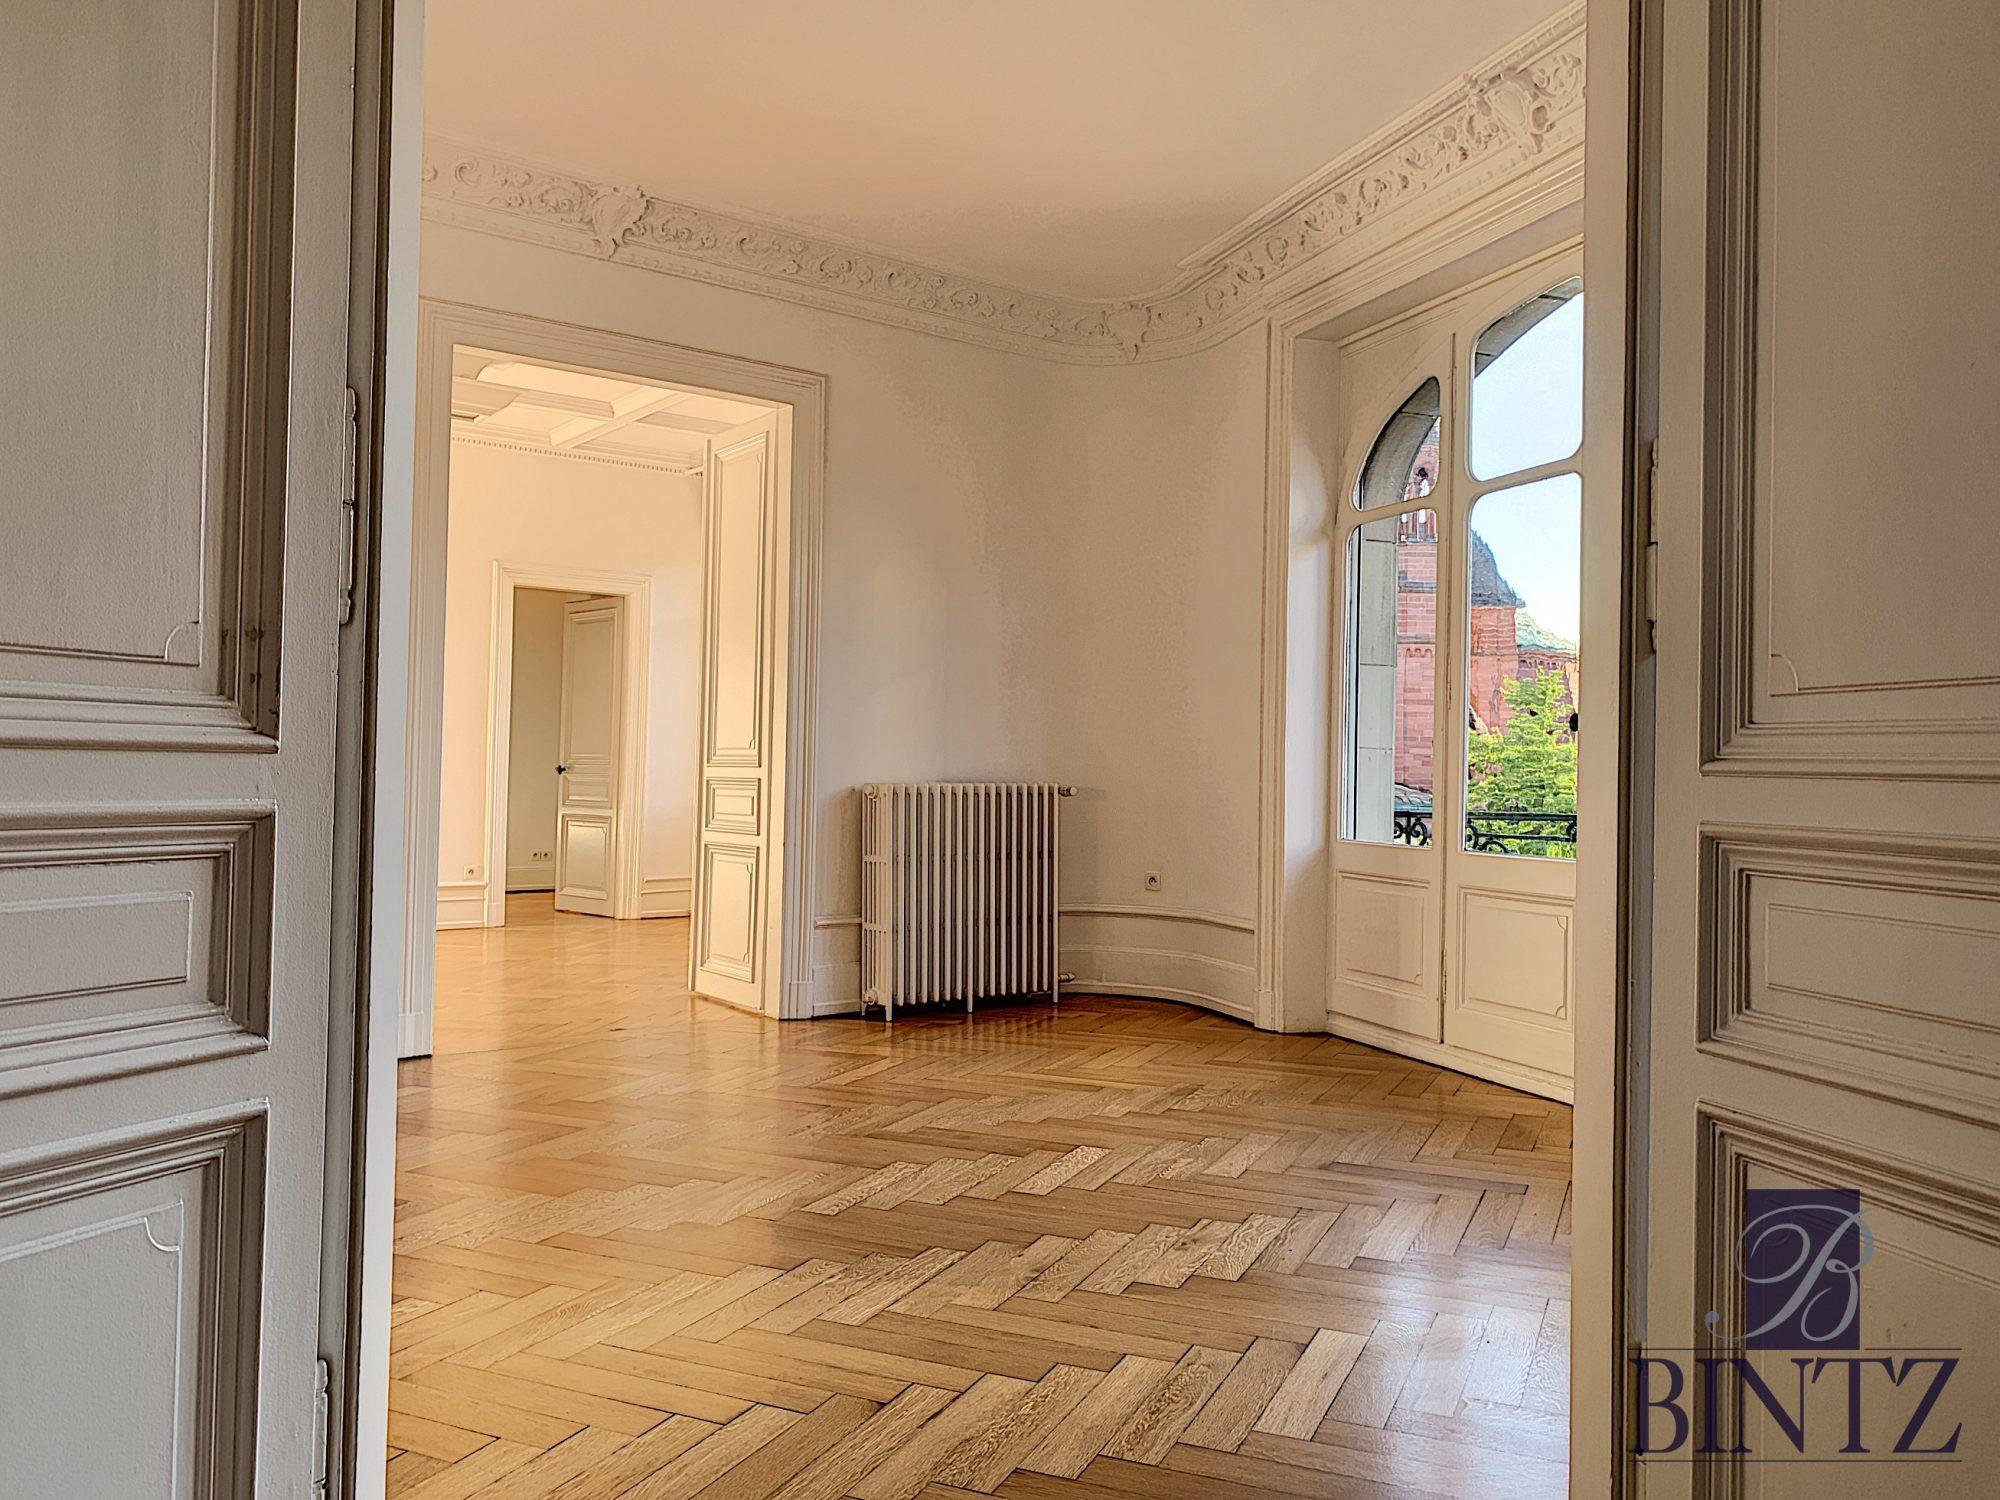 Exceptionnel 6pièces au Coeur de la NEUSTADT - Devenez locataire en toute sérénité - Bintz Immobilier - 1